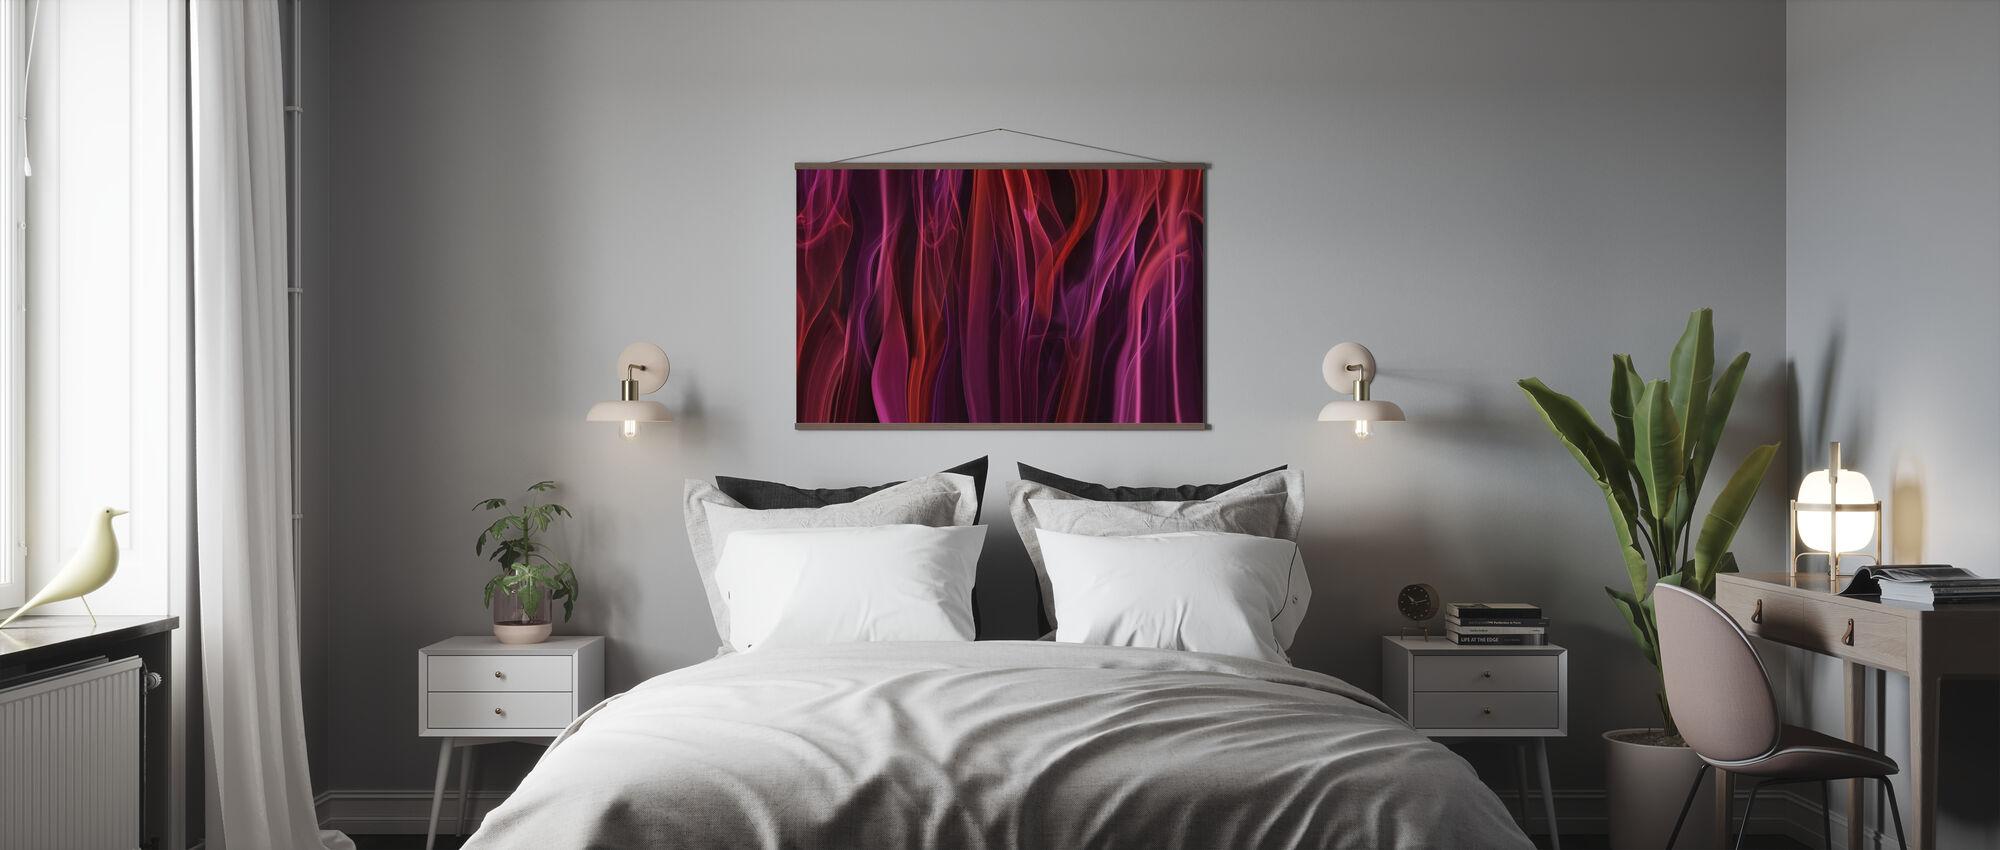 Tende volatili - Poster - Camera da letto